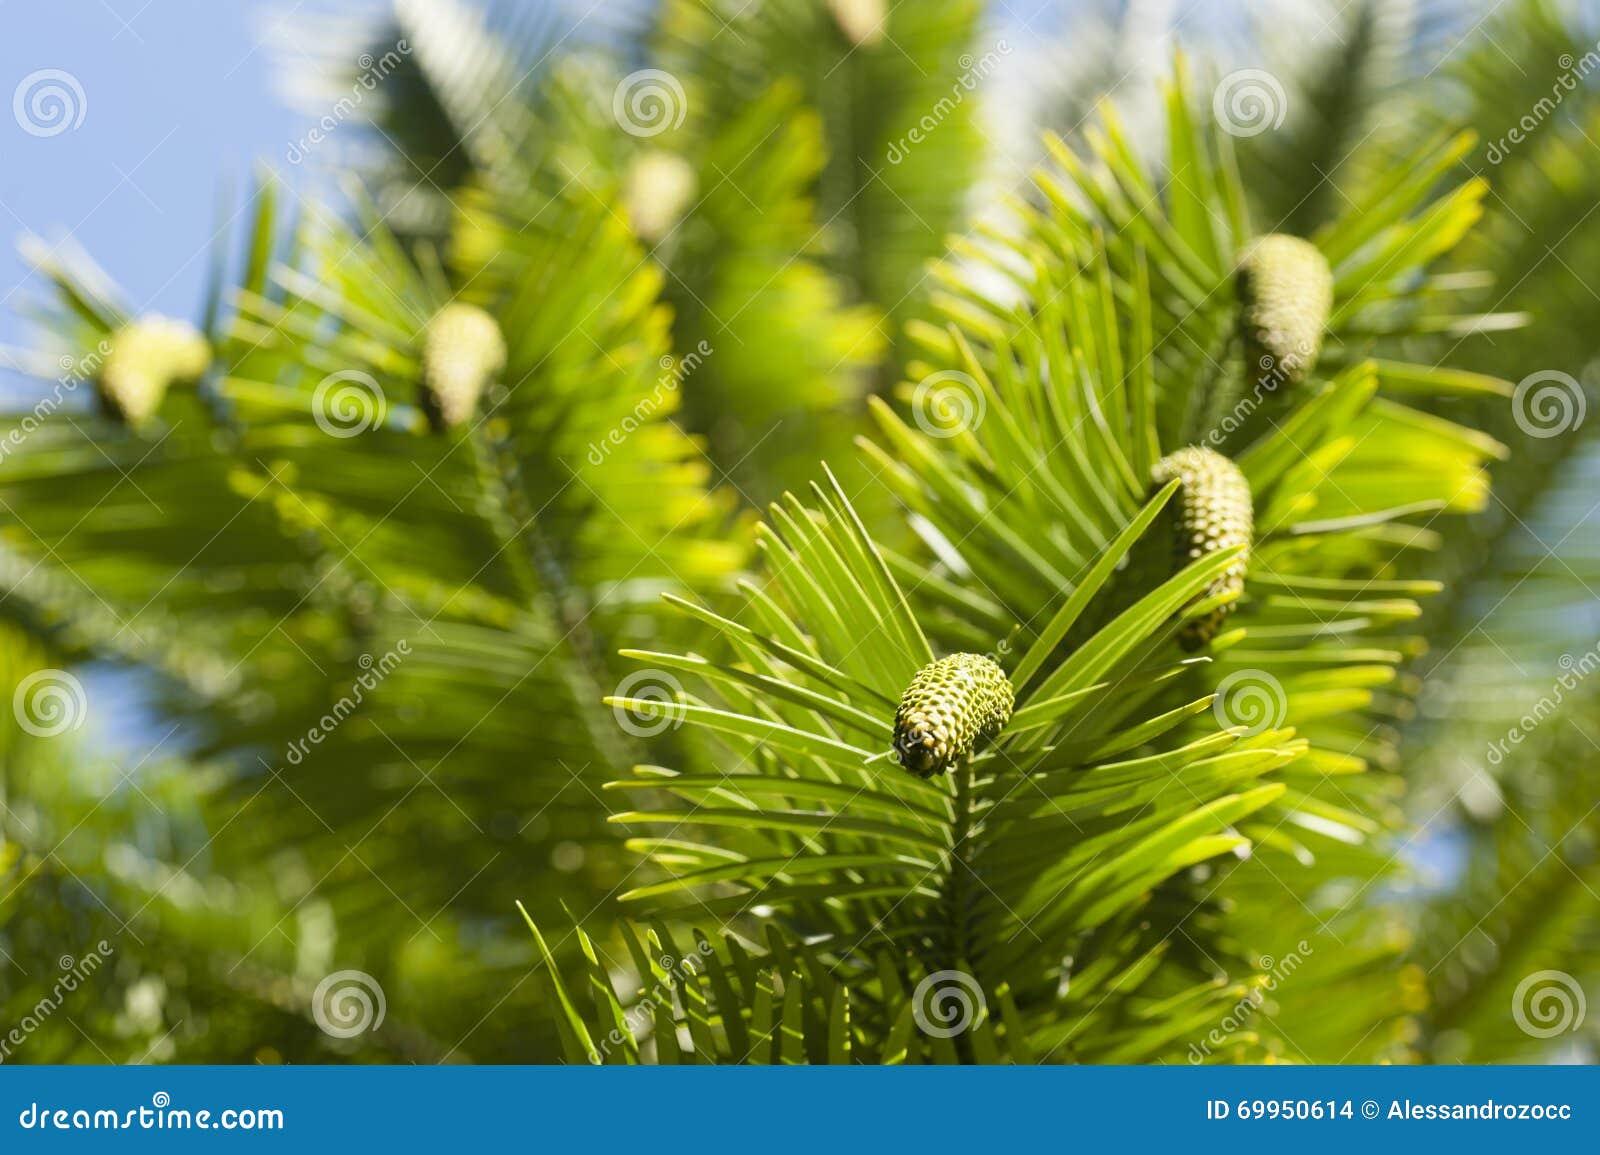 Detalle de los nobilis de Wollemia de hojas y de conos